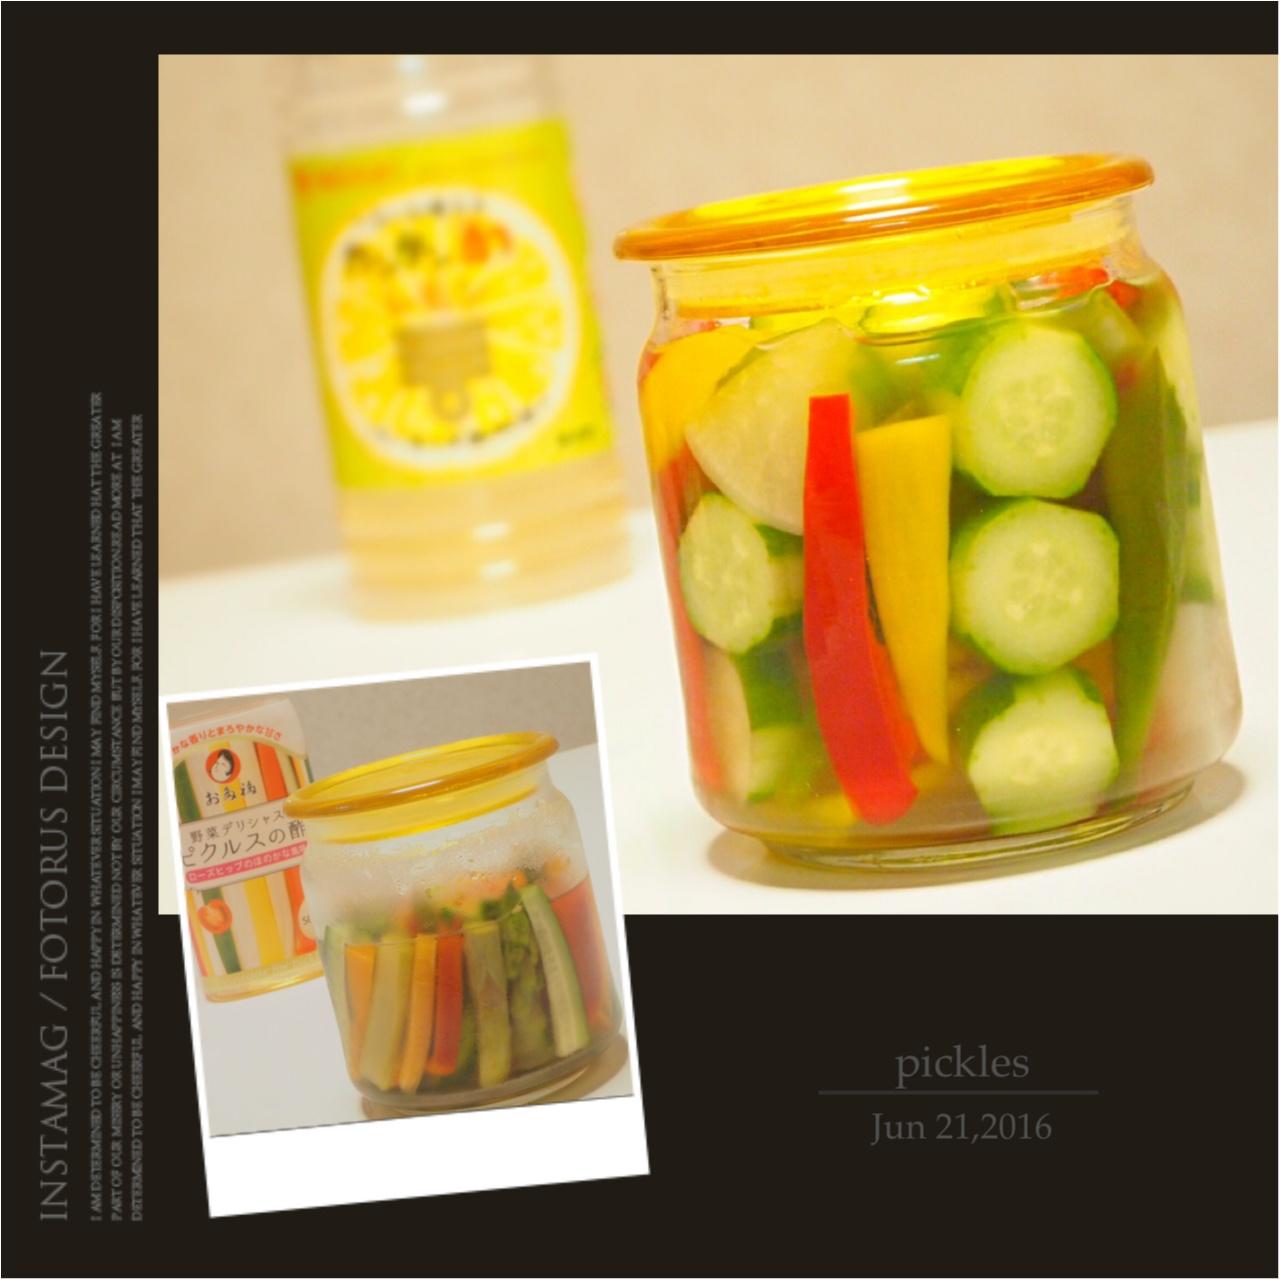 料理初心者でも超簡単★色とりどりの野菜を使ってピクルスを作ろう!_1